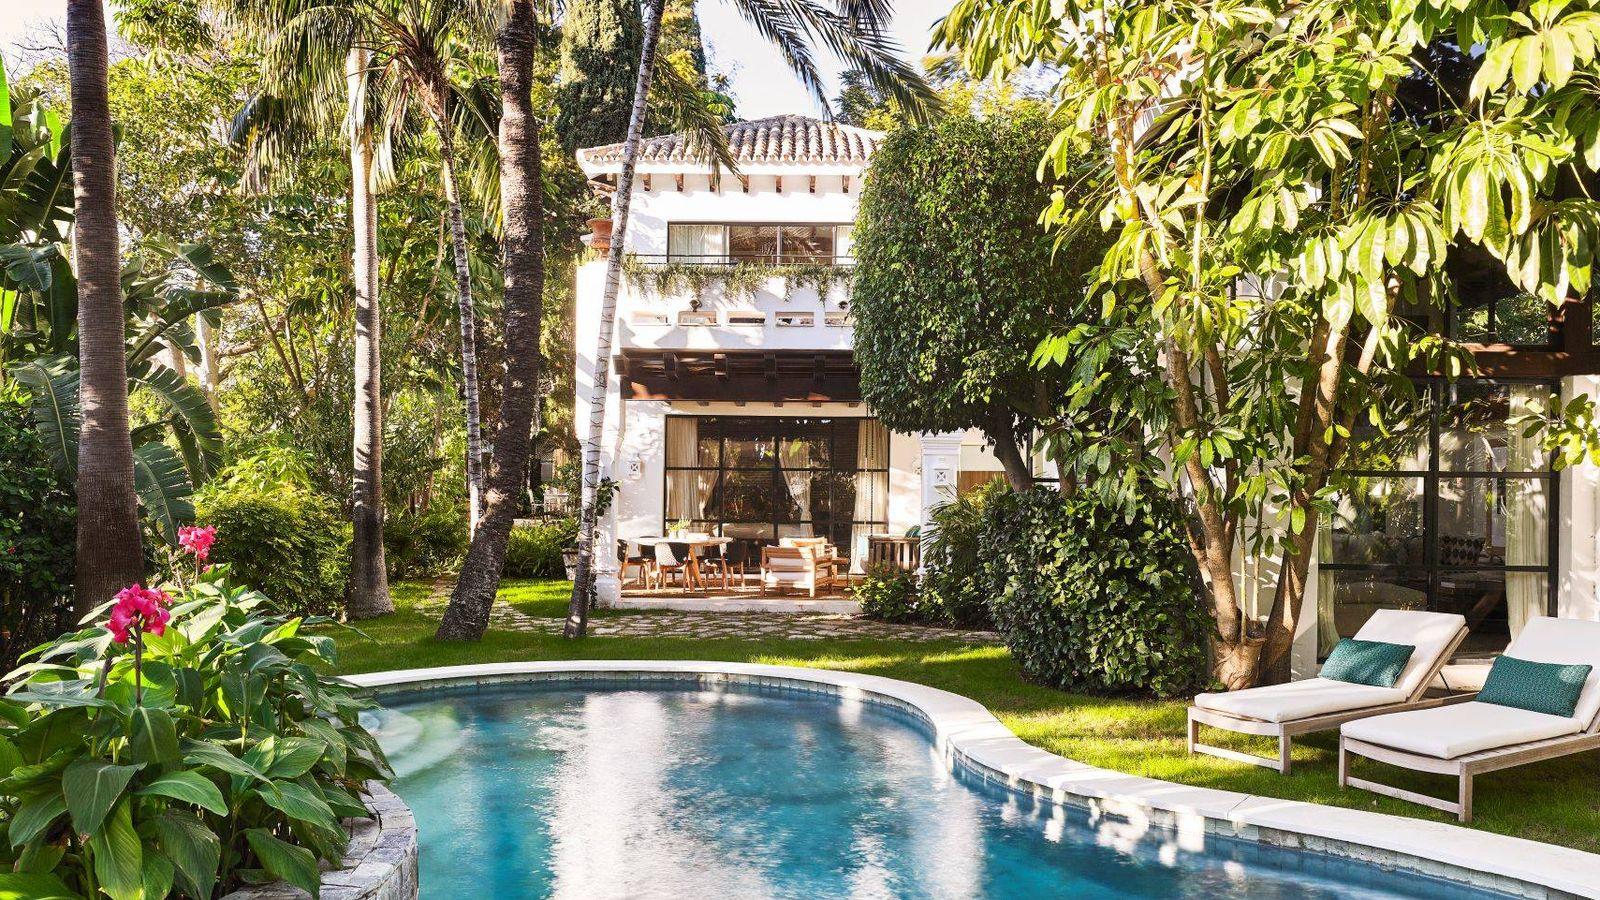 Foto: Rediseña los planes con tus amig@s. (Cortesía Marbella Club)